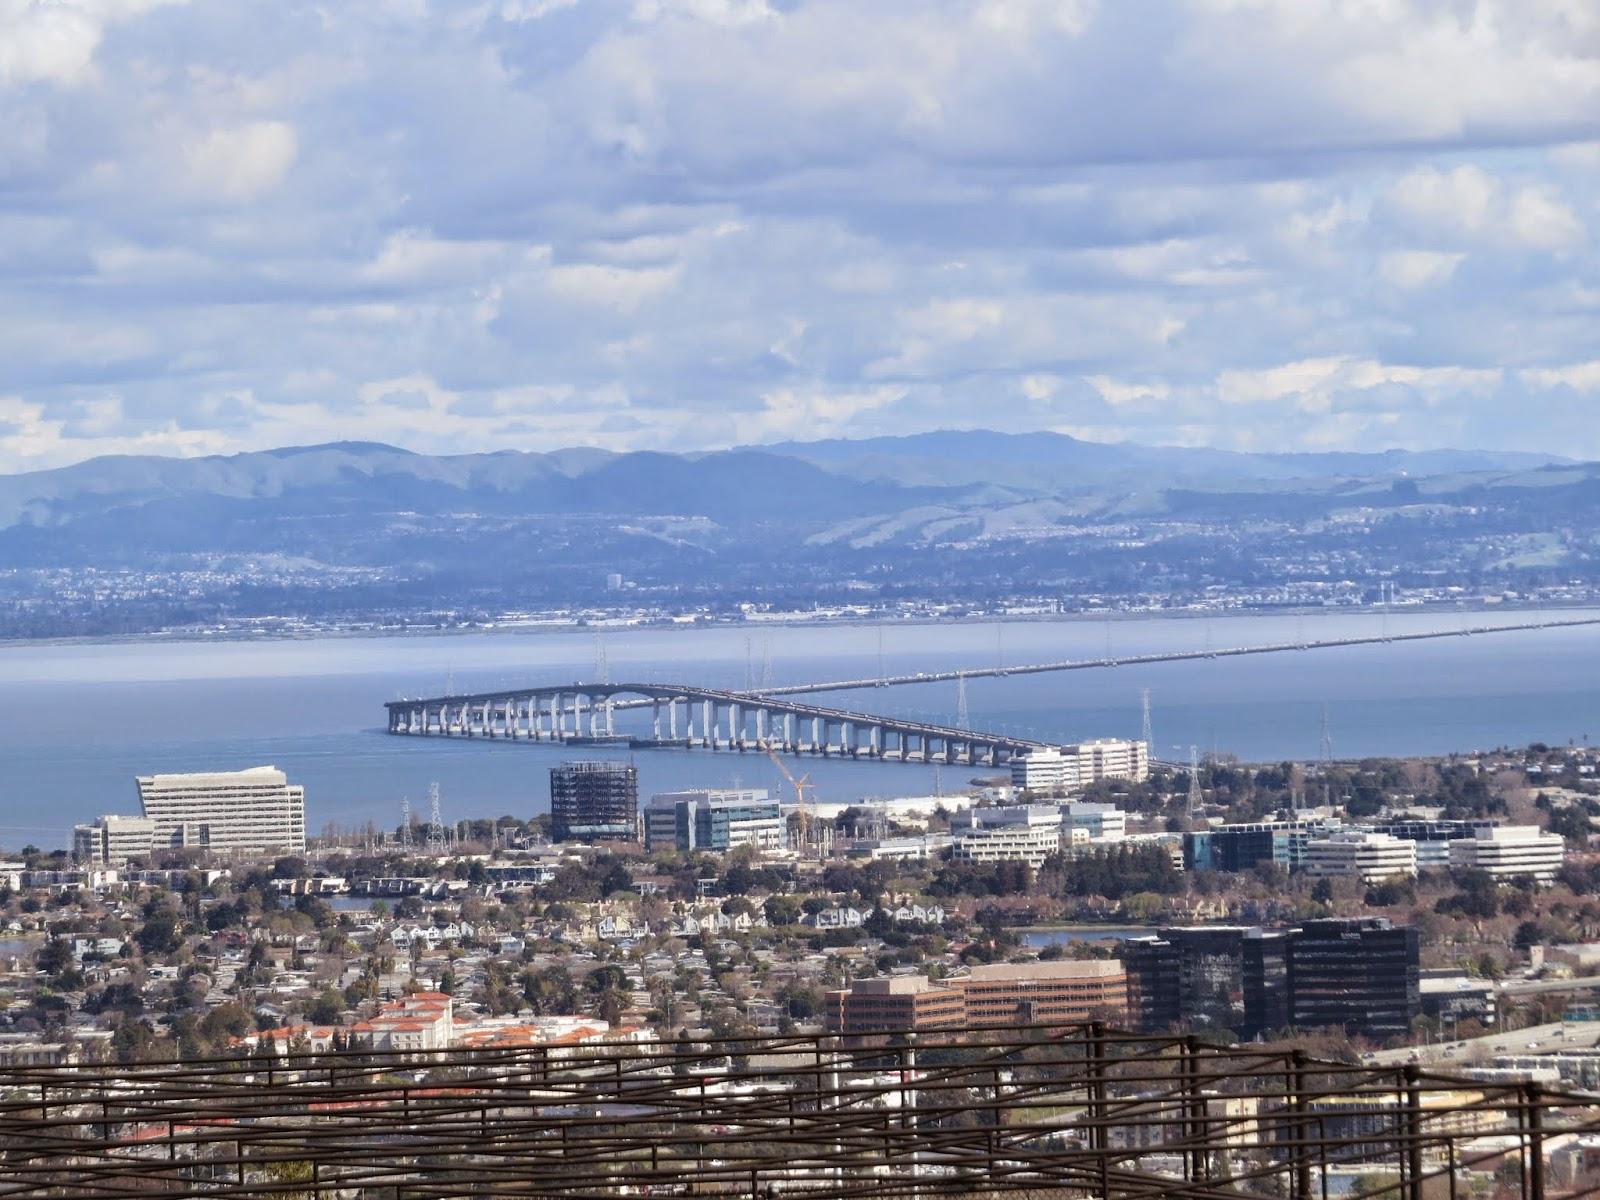 San Mateo Bridge and views of the San Francisco Bay